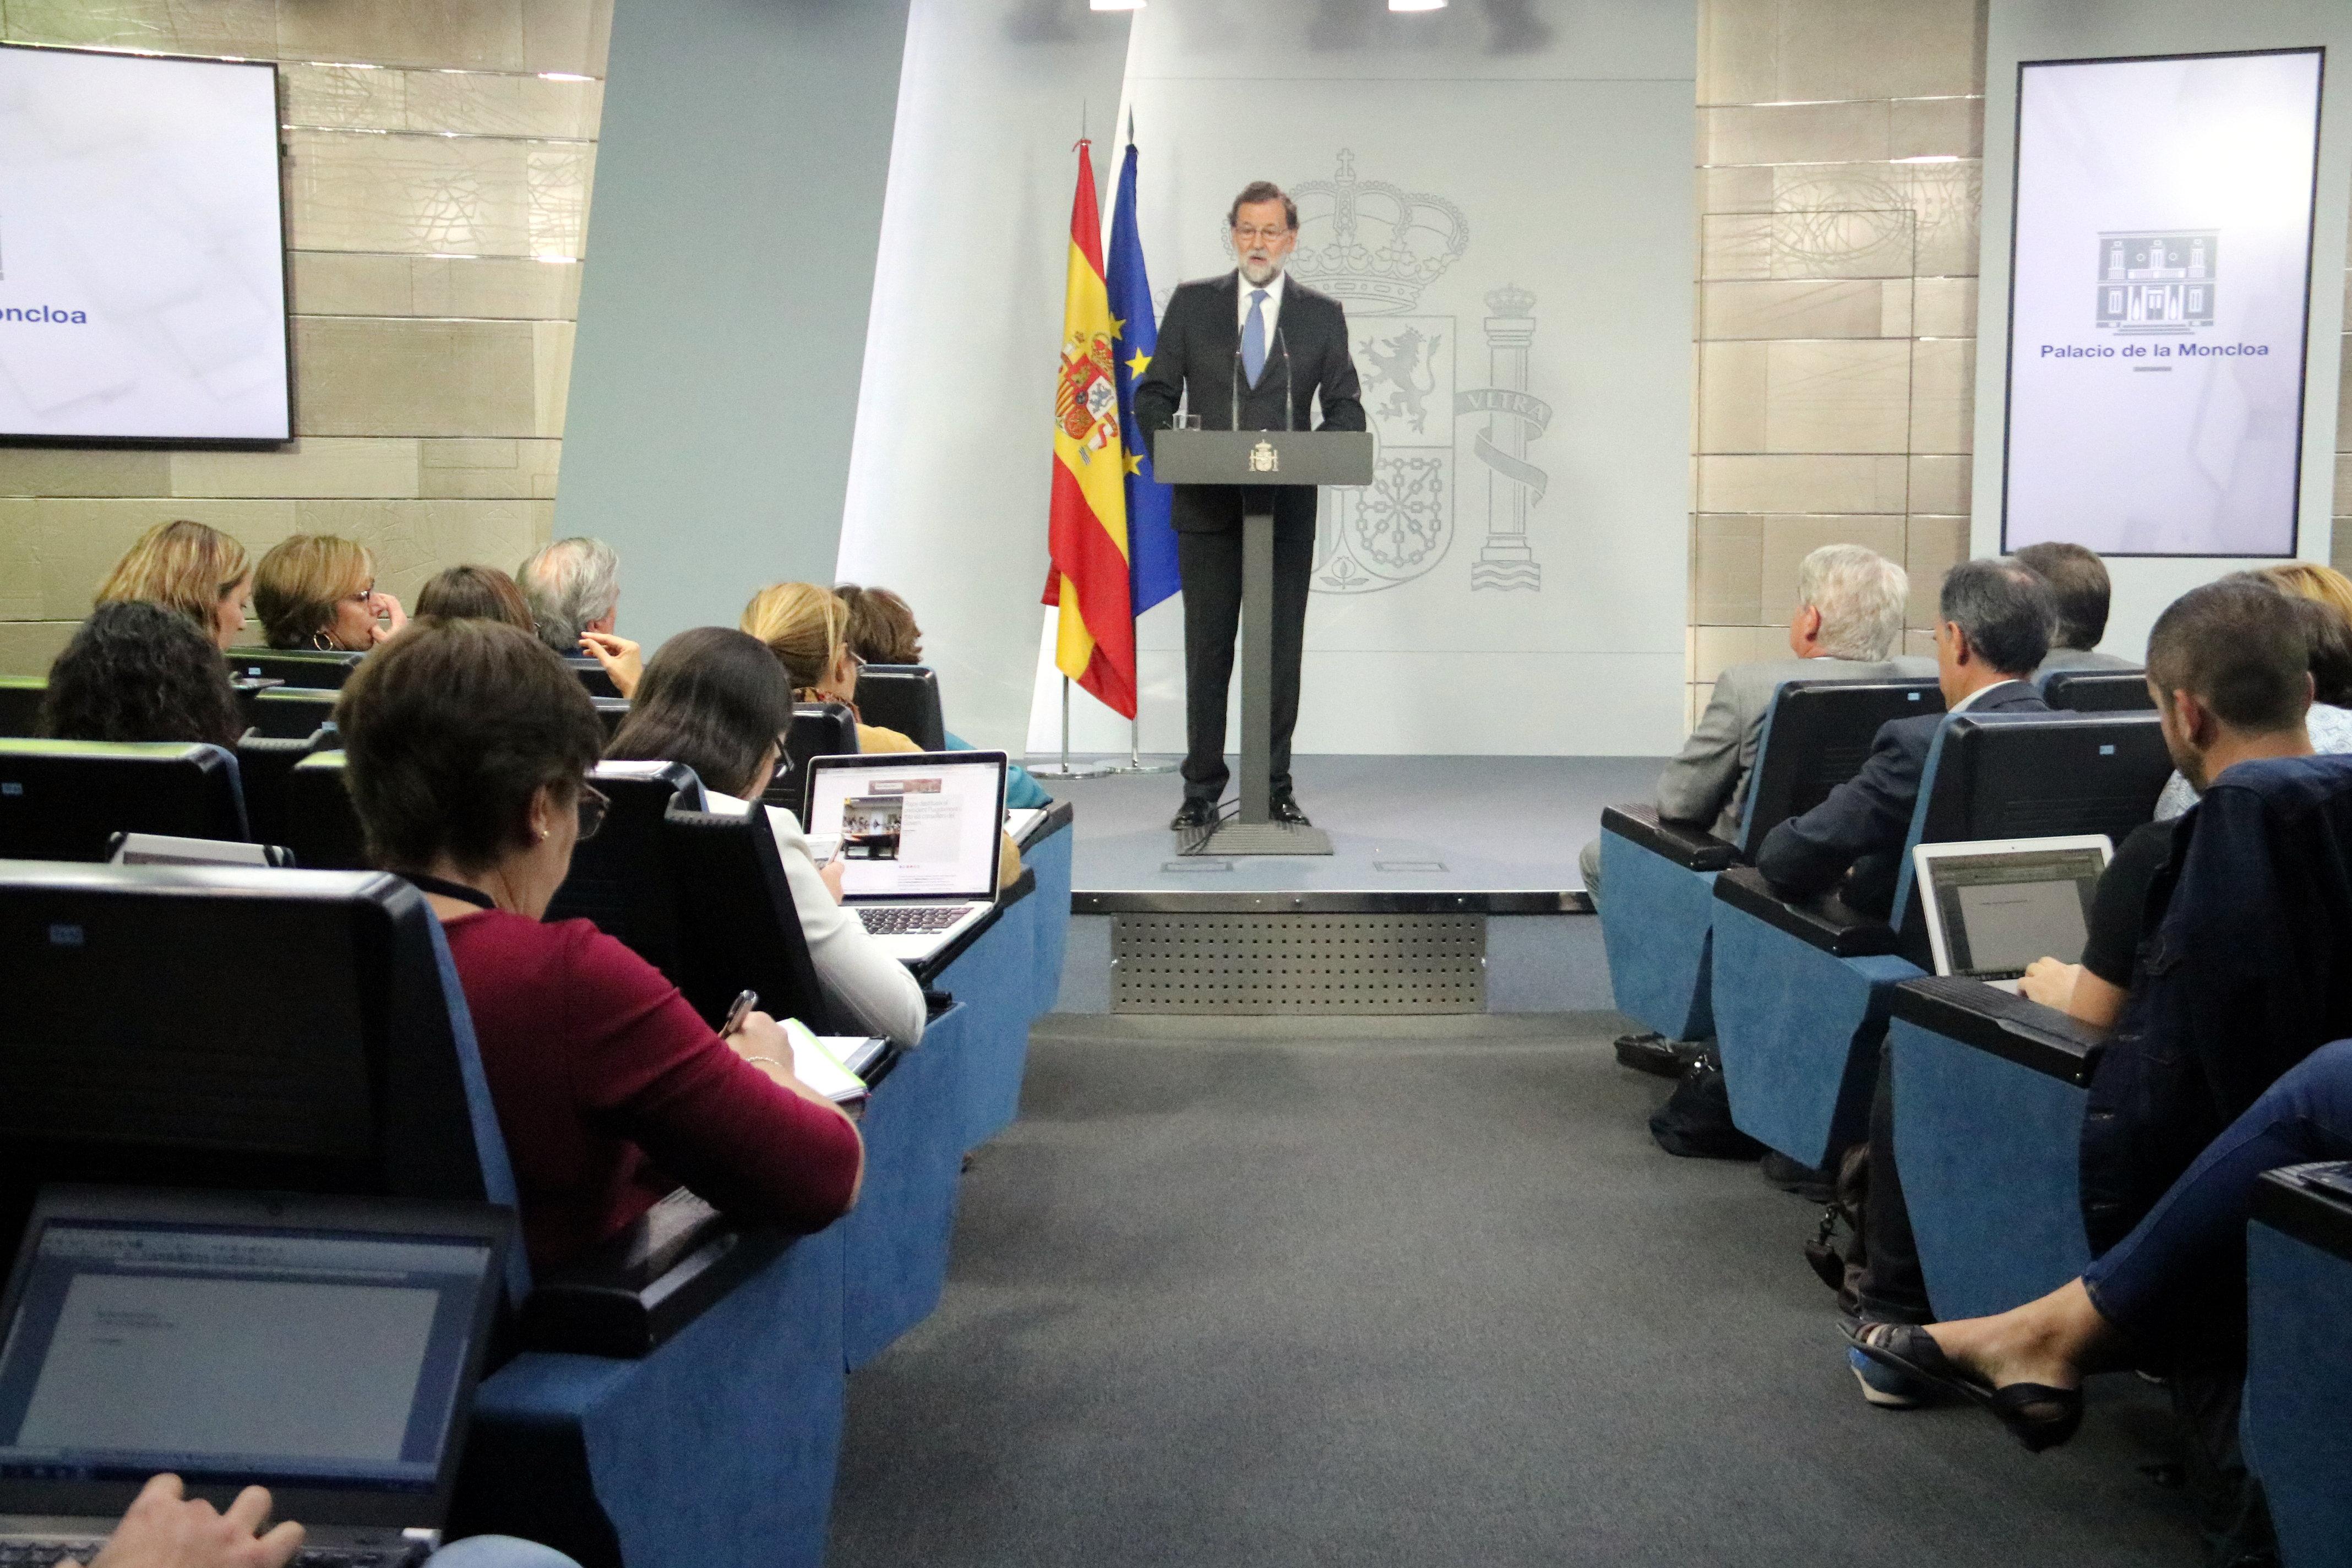 Rajoy cessa Puigdemont i el seu govern, dissol el Parlament i convoca eleccions el 21 de desembre